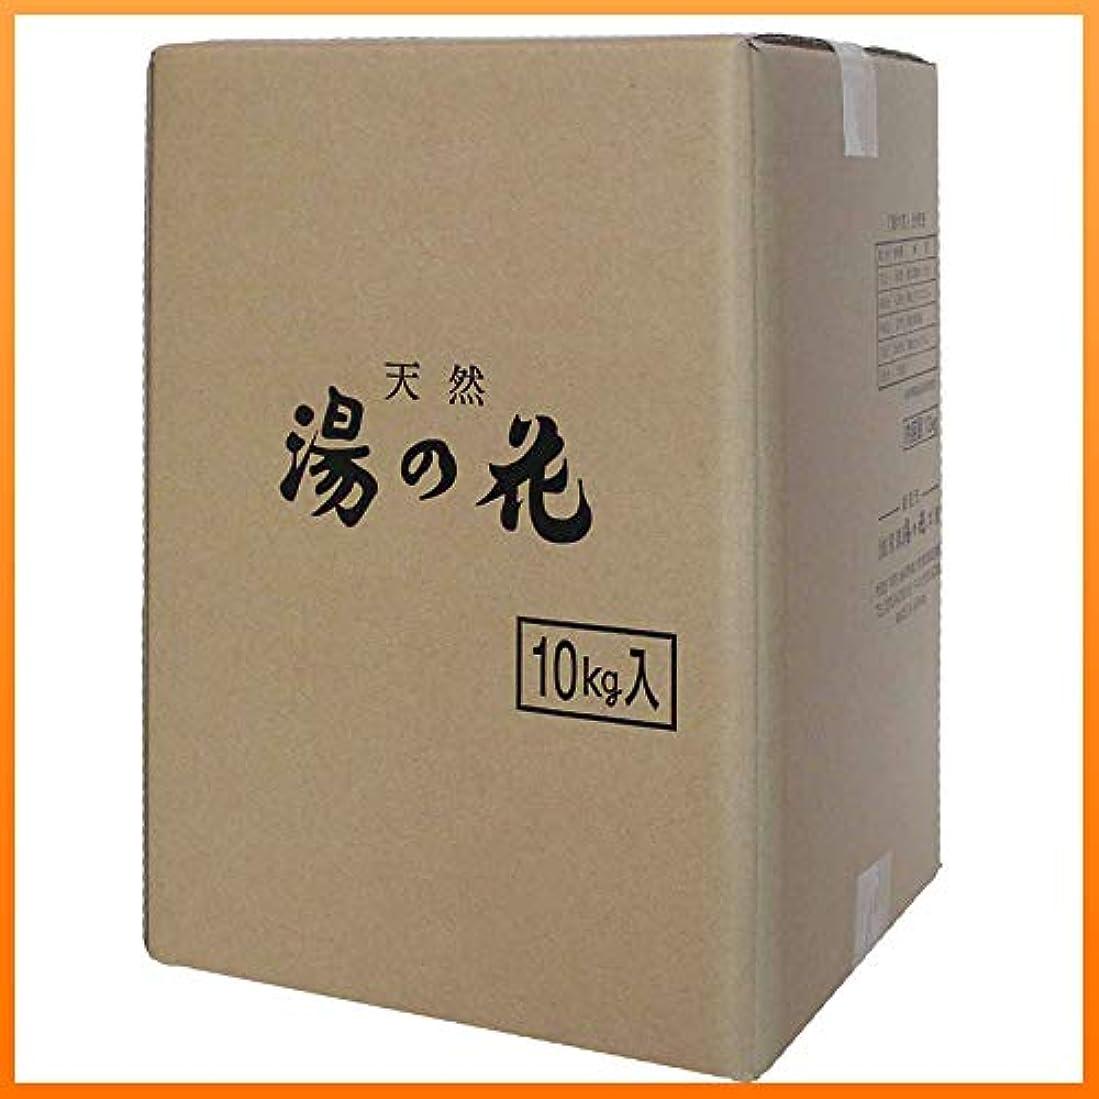 専門弓スクラブ天然湯の花 (業務用) 10kg (飛騨高山温泉郷 にごり湯)